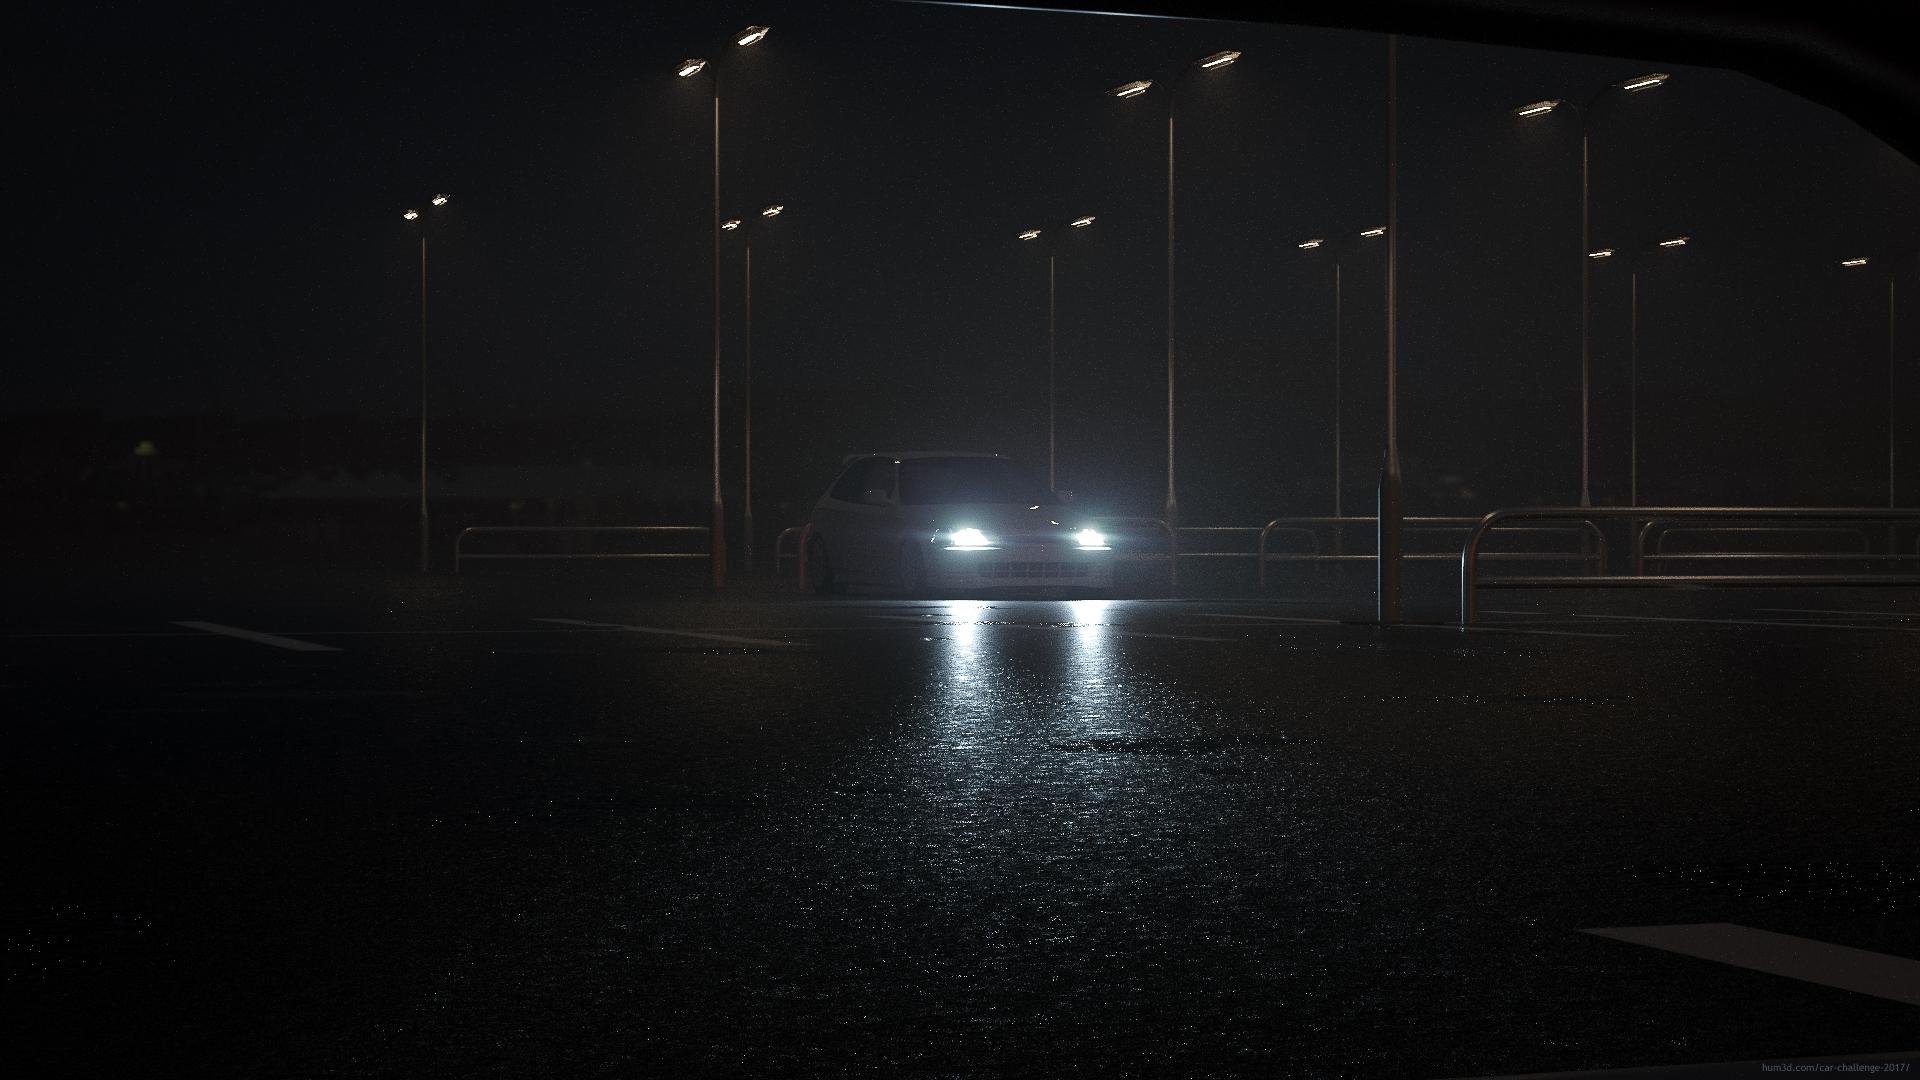 A rainy night 3d art